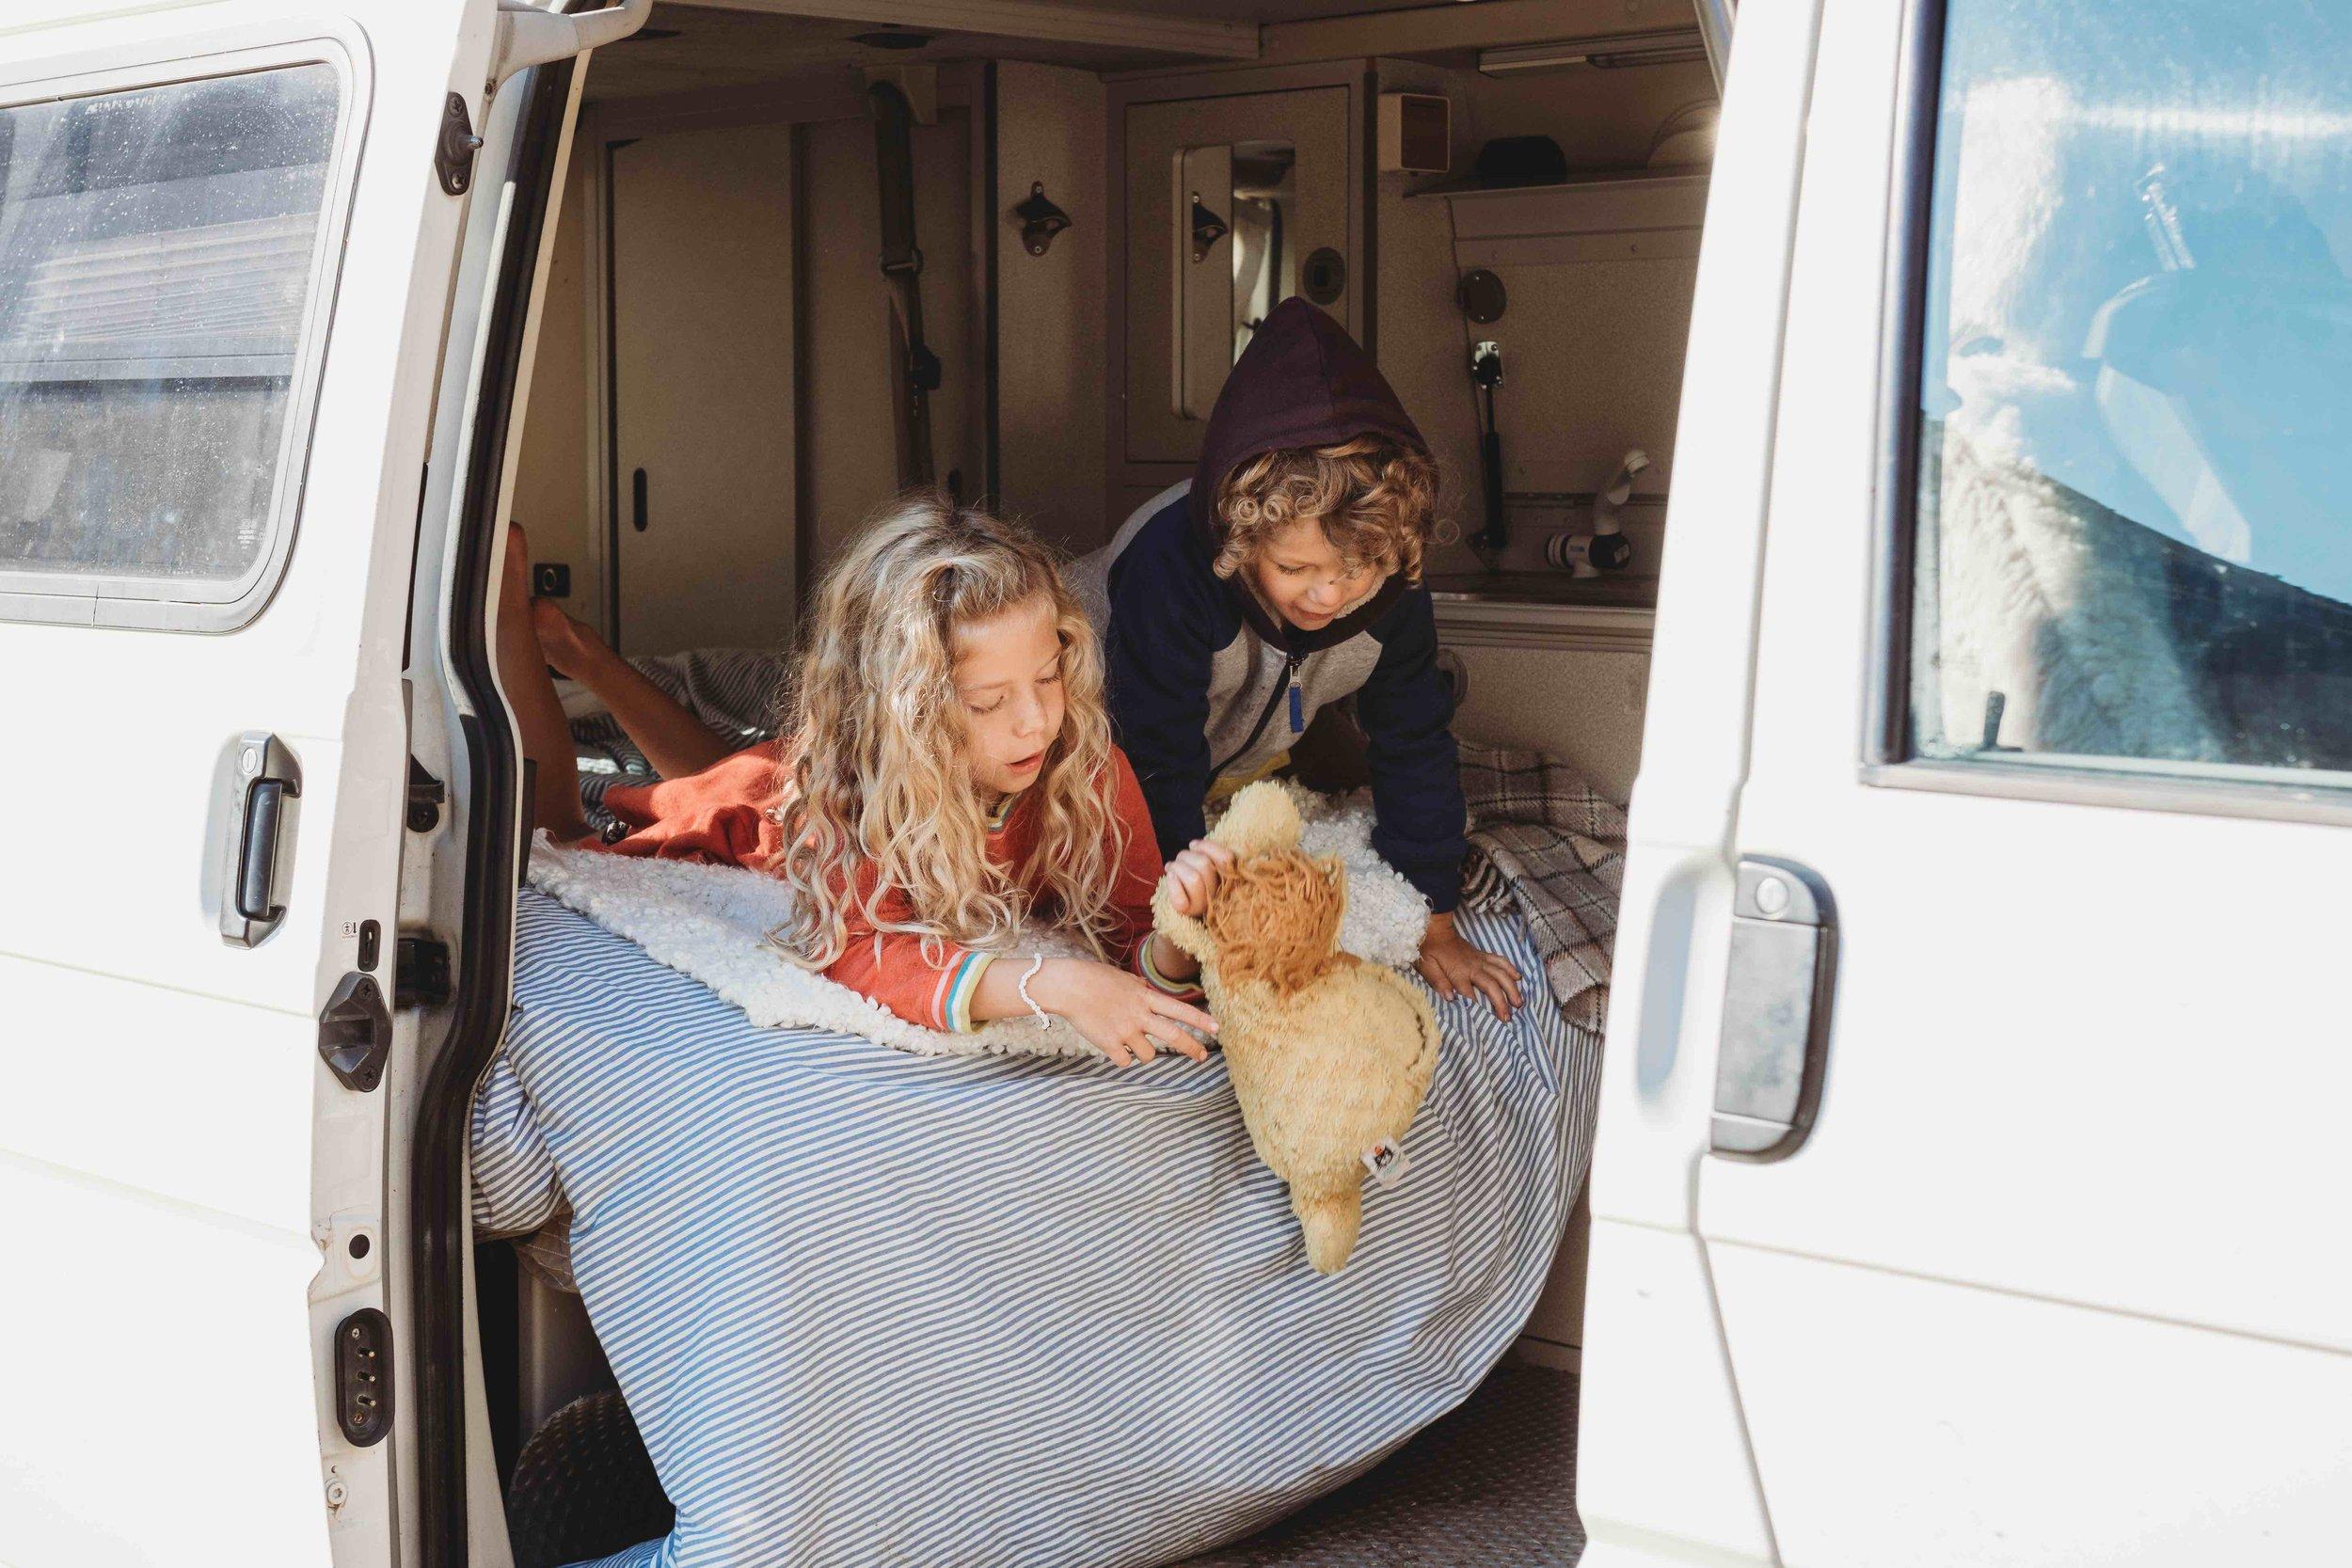 Sleeping in a camper van